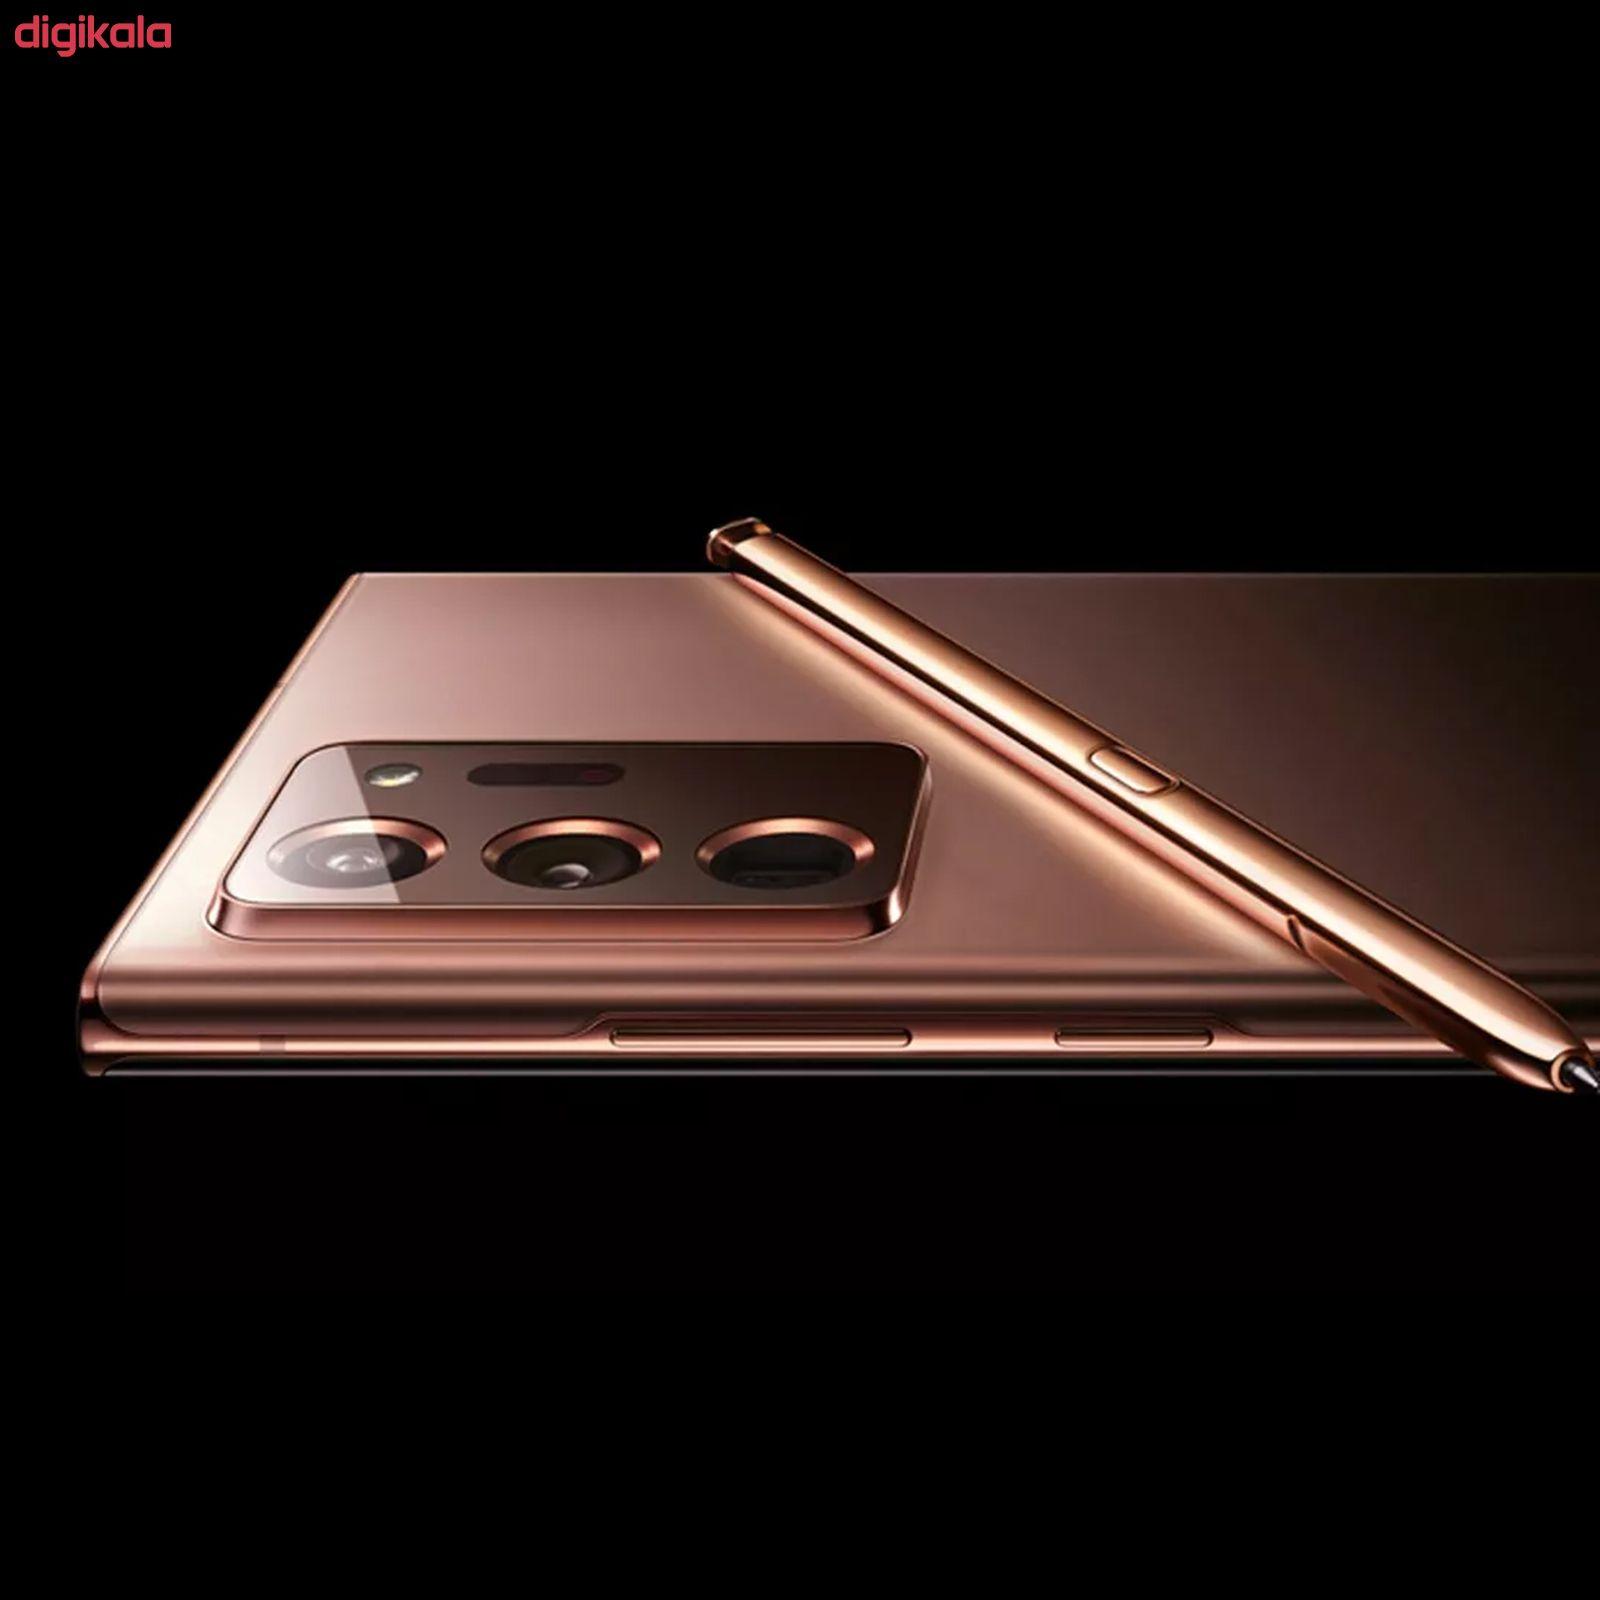 گوشی موبایل سامسونگ مدل Galaxy Note20 Ultra SM-N985F/DS دو سیم کارت ظرفیت 256 گیگابایت  main 1 22